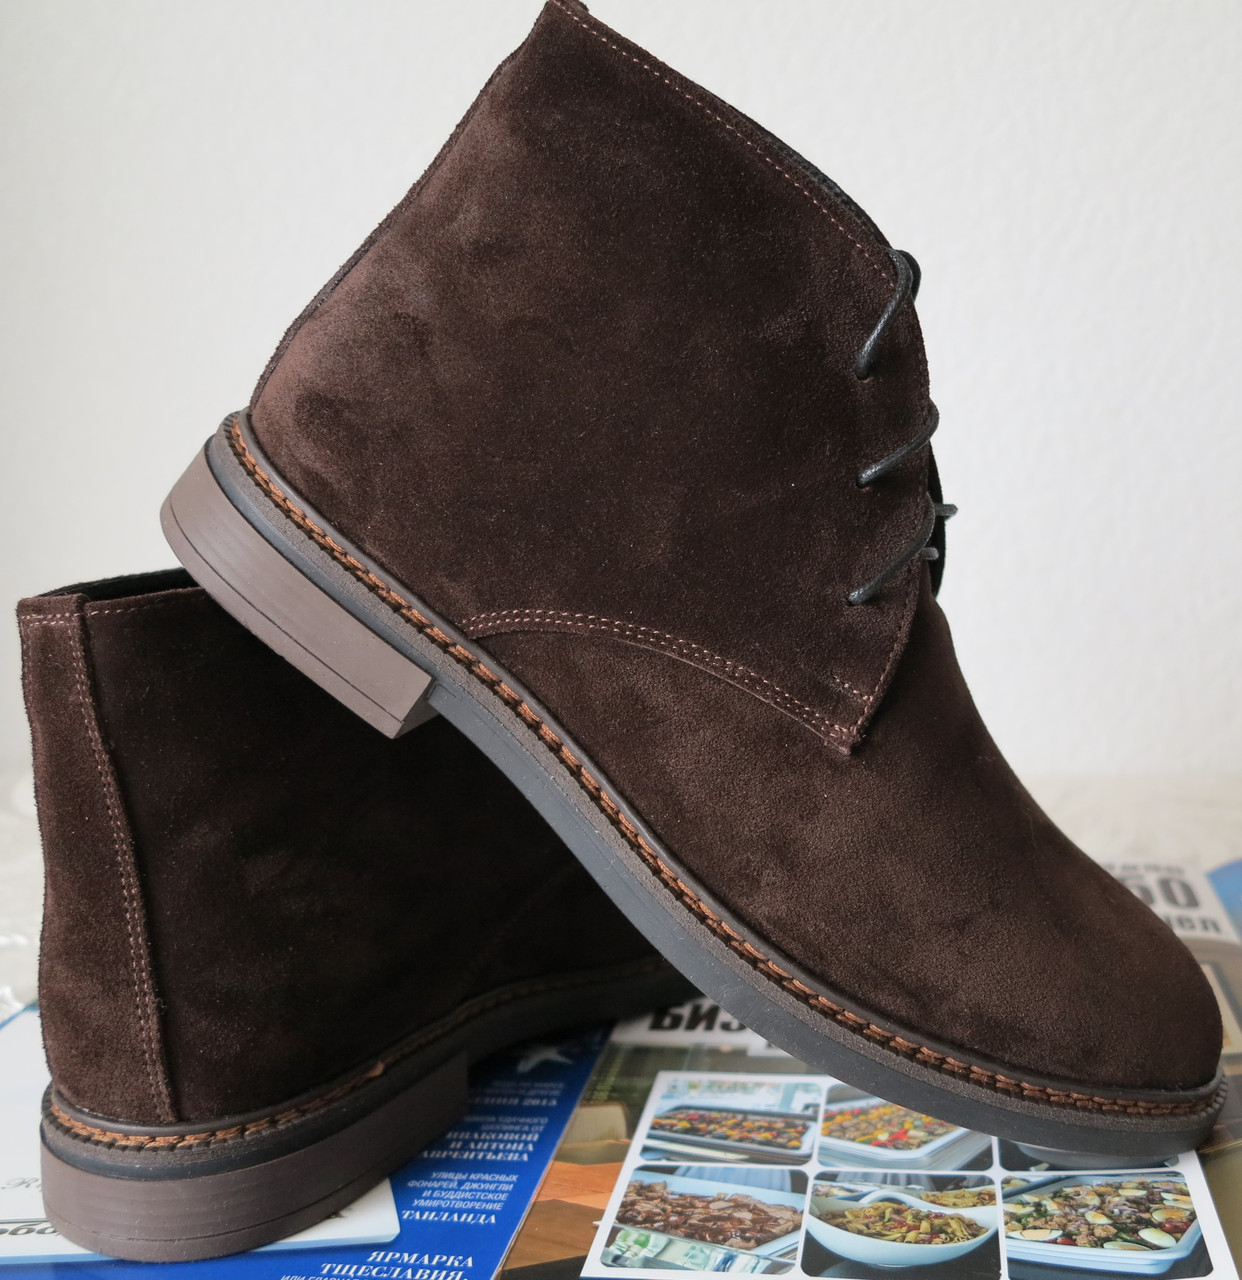 Clarks Men Desert Boot мужские коричневые замшевые ботинки реплика дезерты весна осень 2020